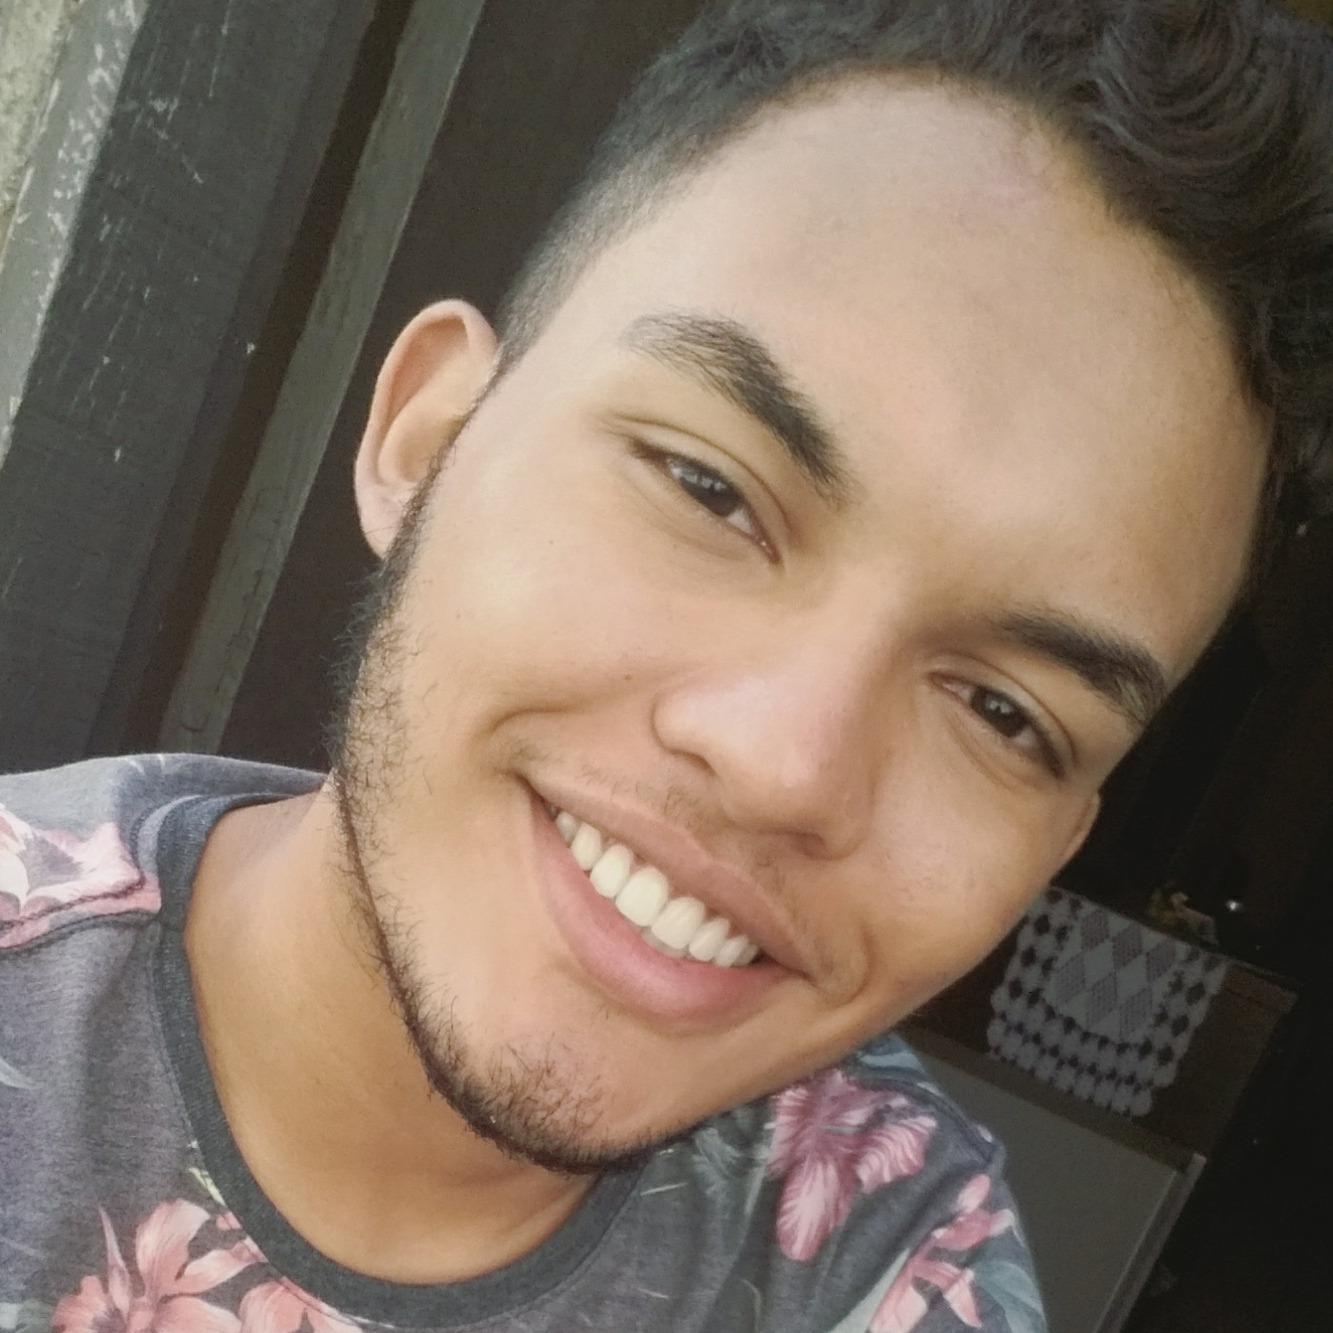 People looking for Ignacio Orellana also looked at Adriano Gomes